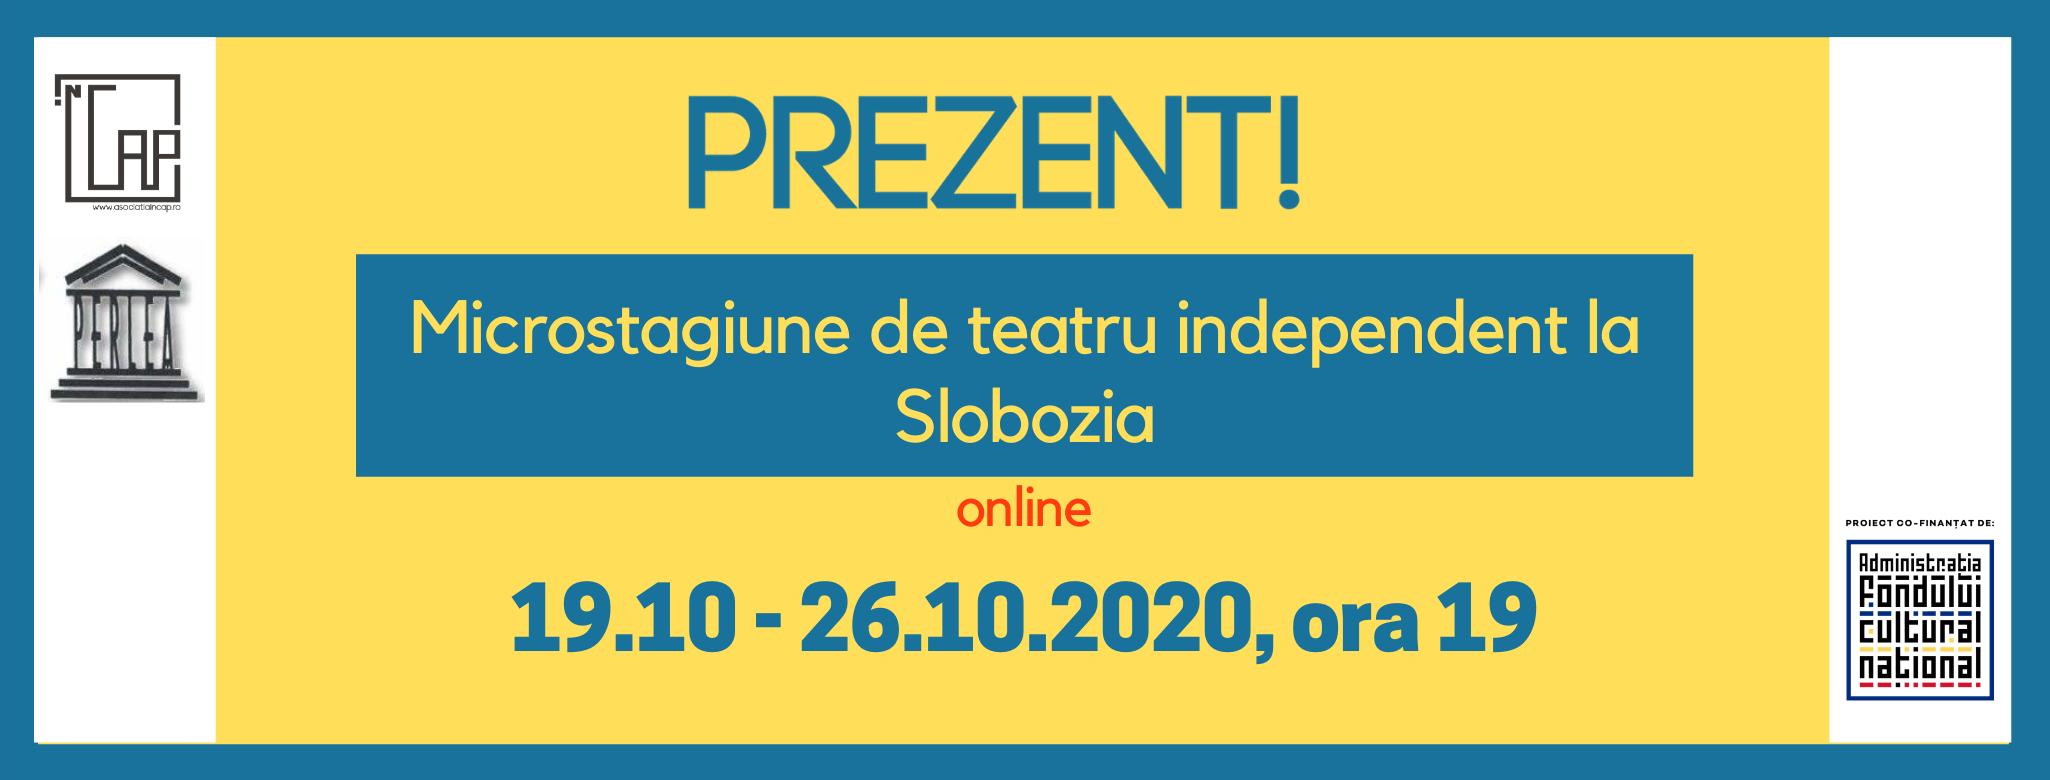 Microstagiune de teatru independent la Slobozia, online, 19.10 – 26.10.2020, ora 19:00